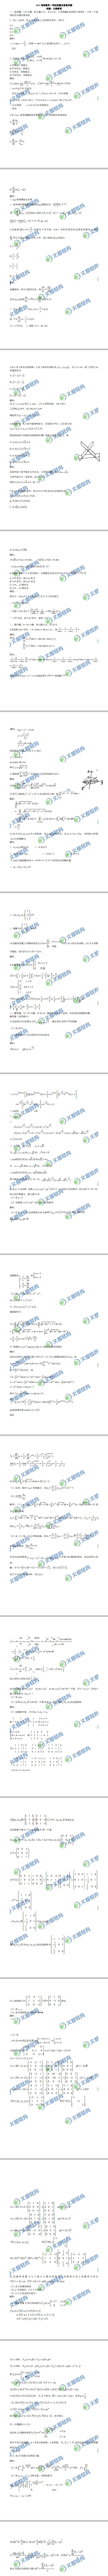 2019考研数学一真题